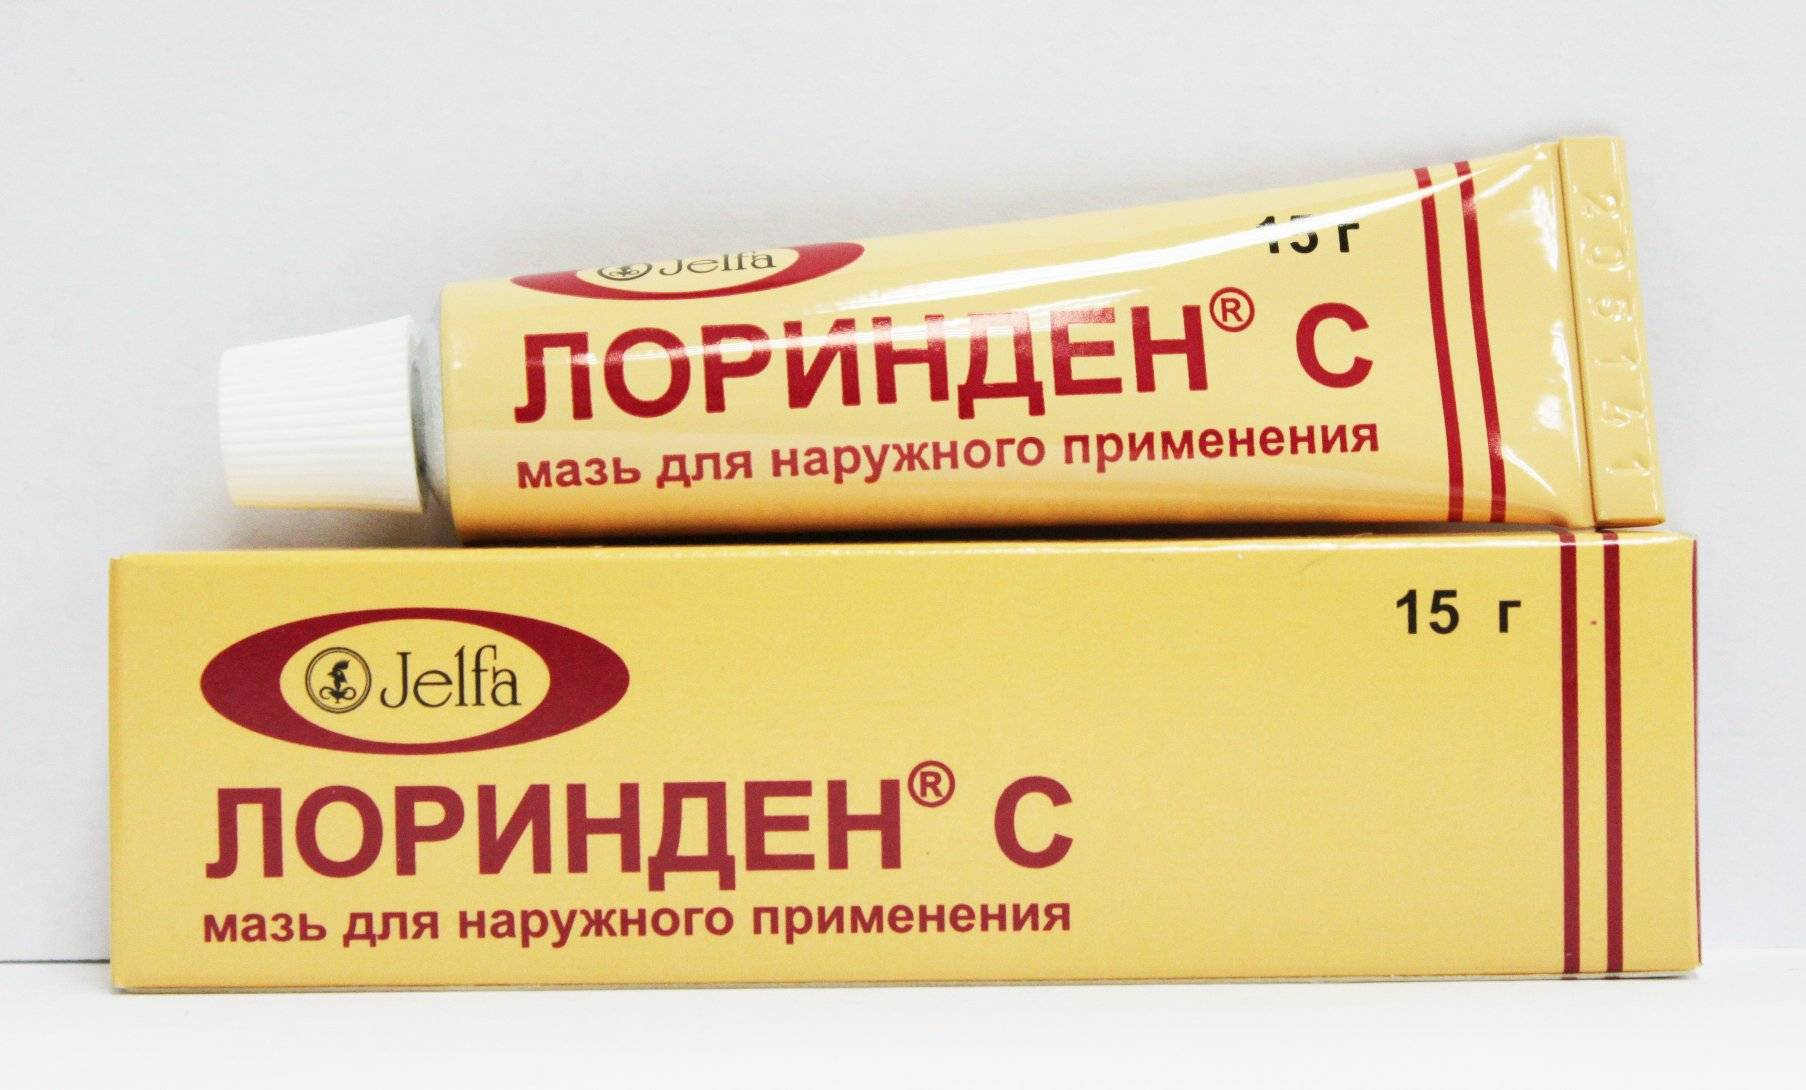 Аллергический зуд кожи лечение народными средствами